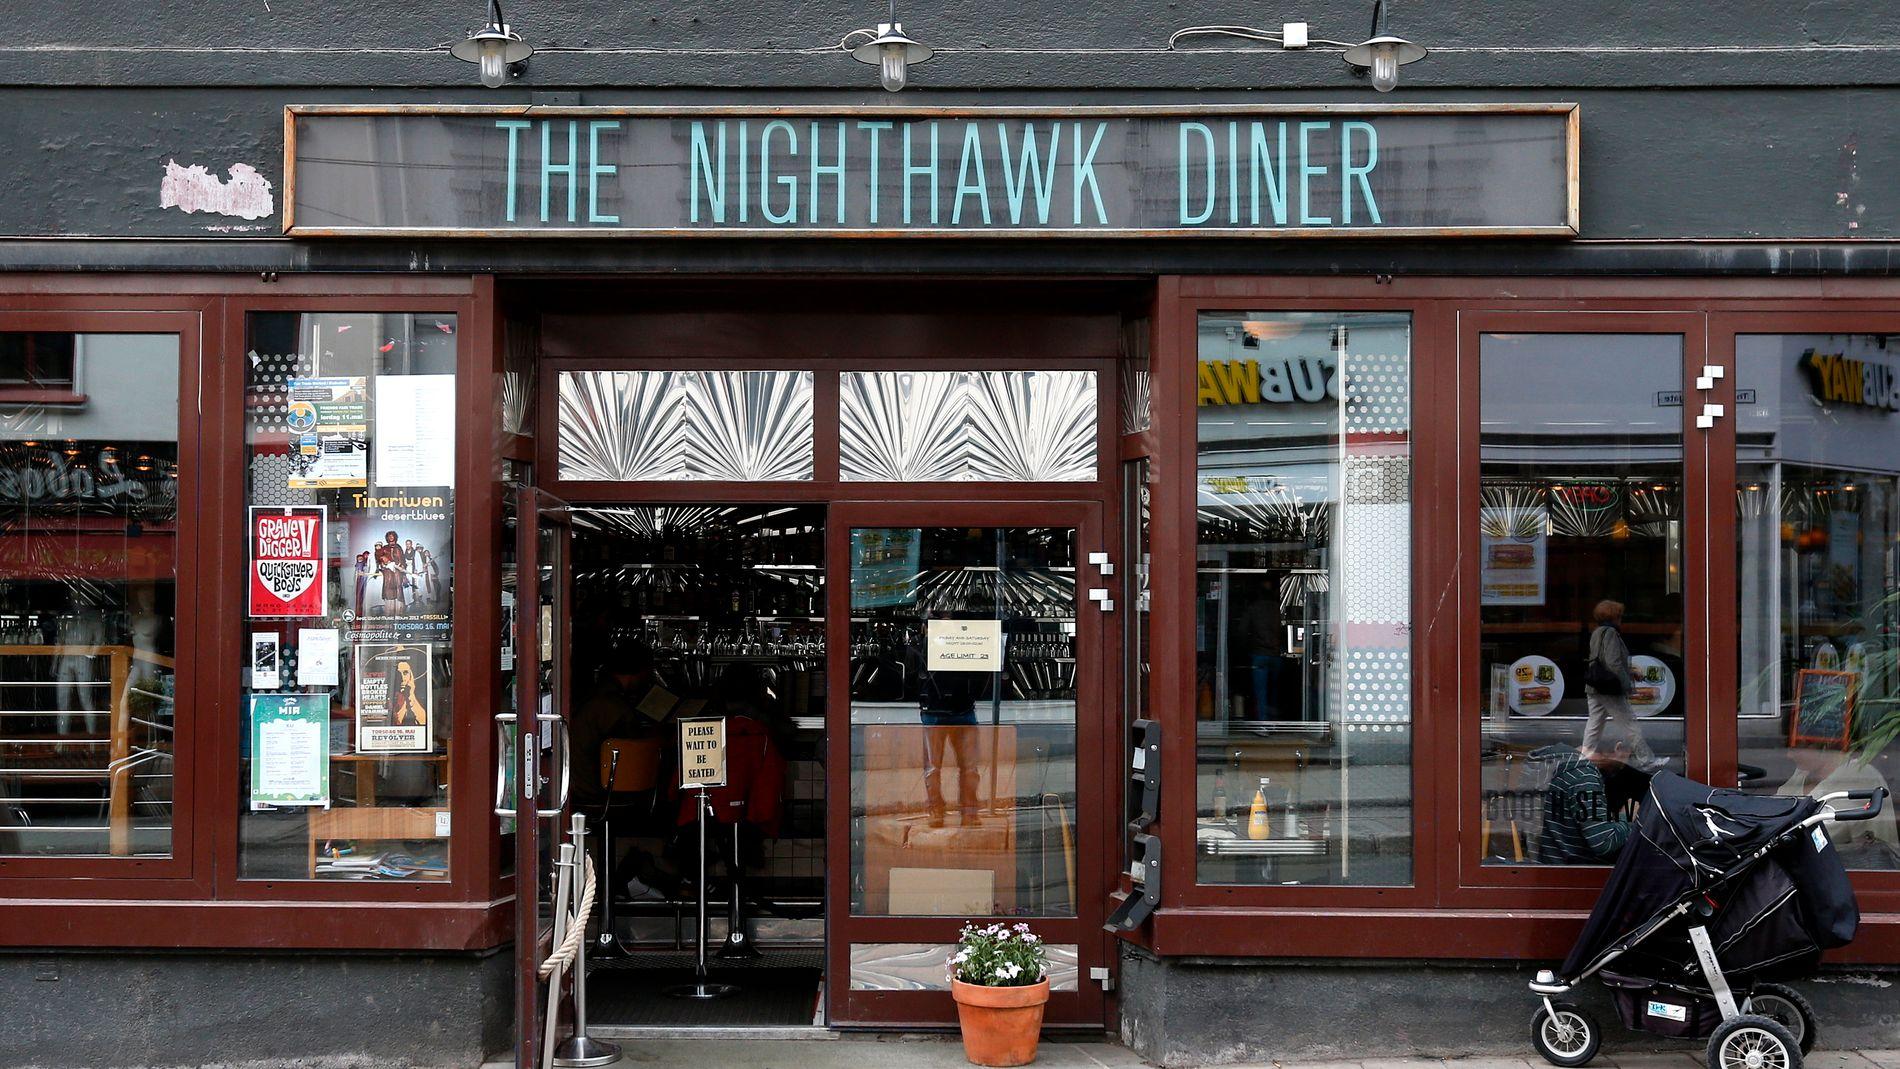 Annonse tyder på at The Nighthawk Diner skal selges igjen